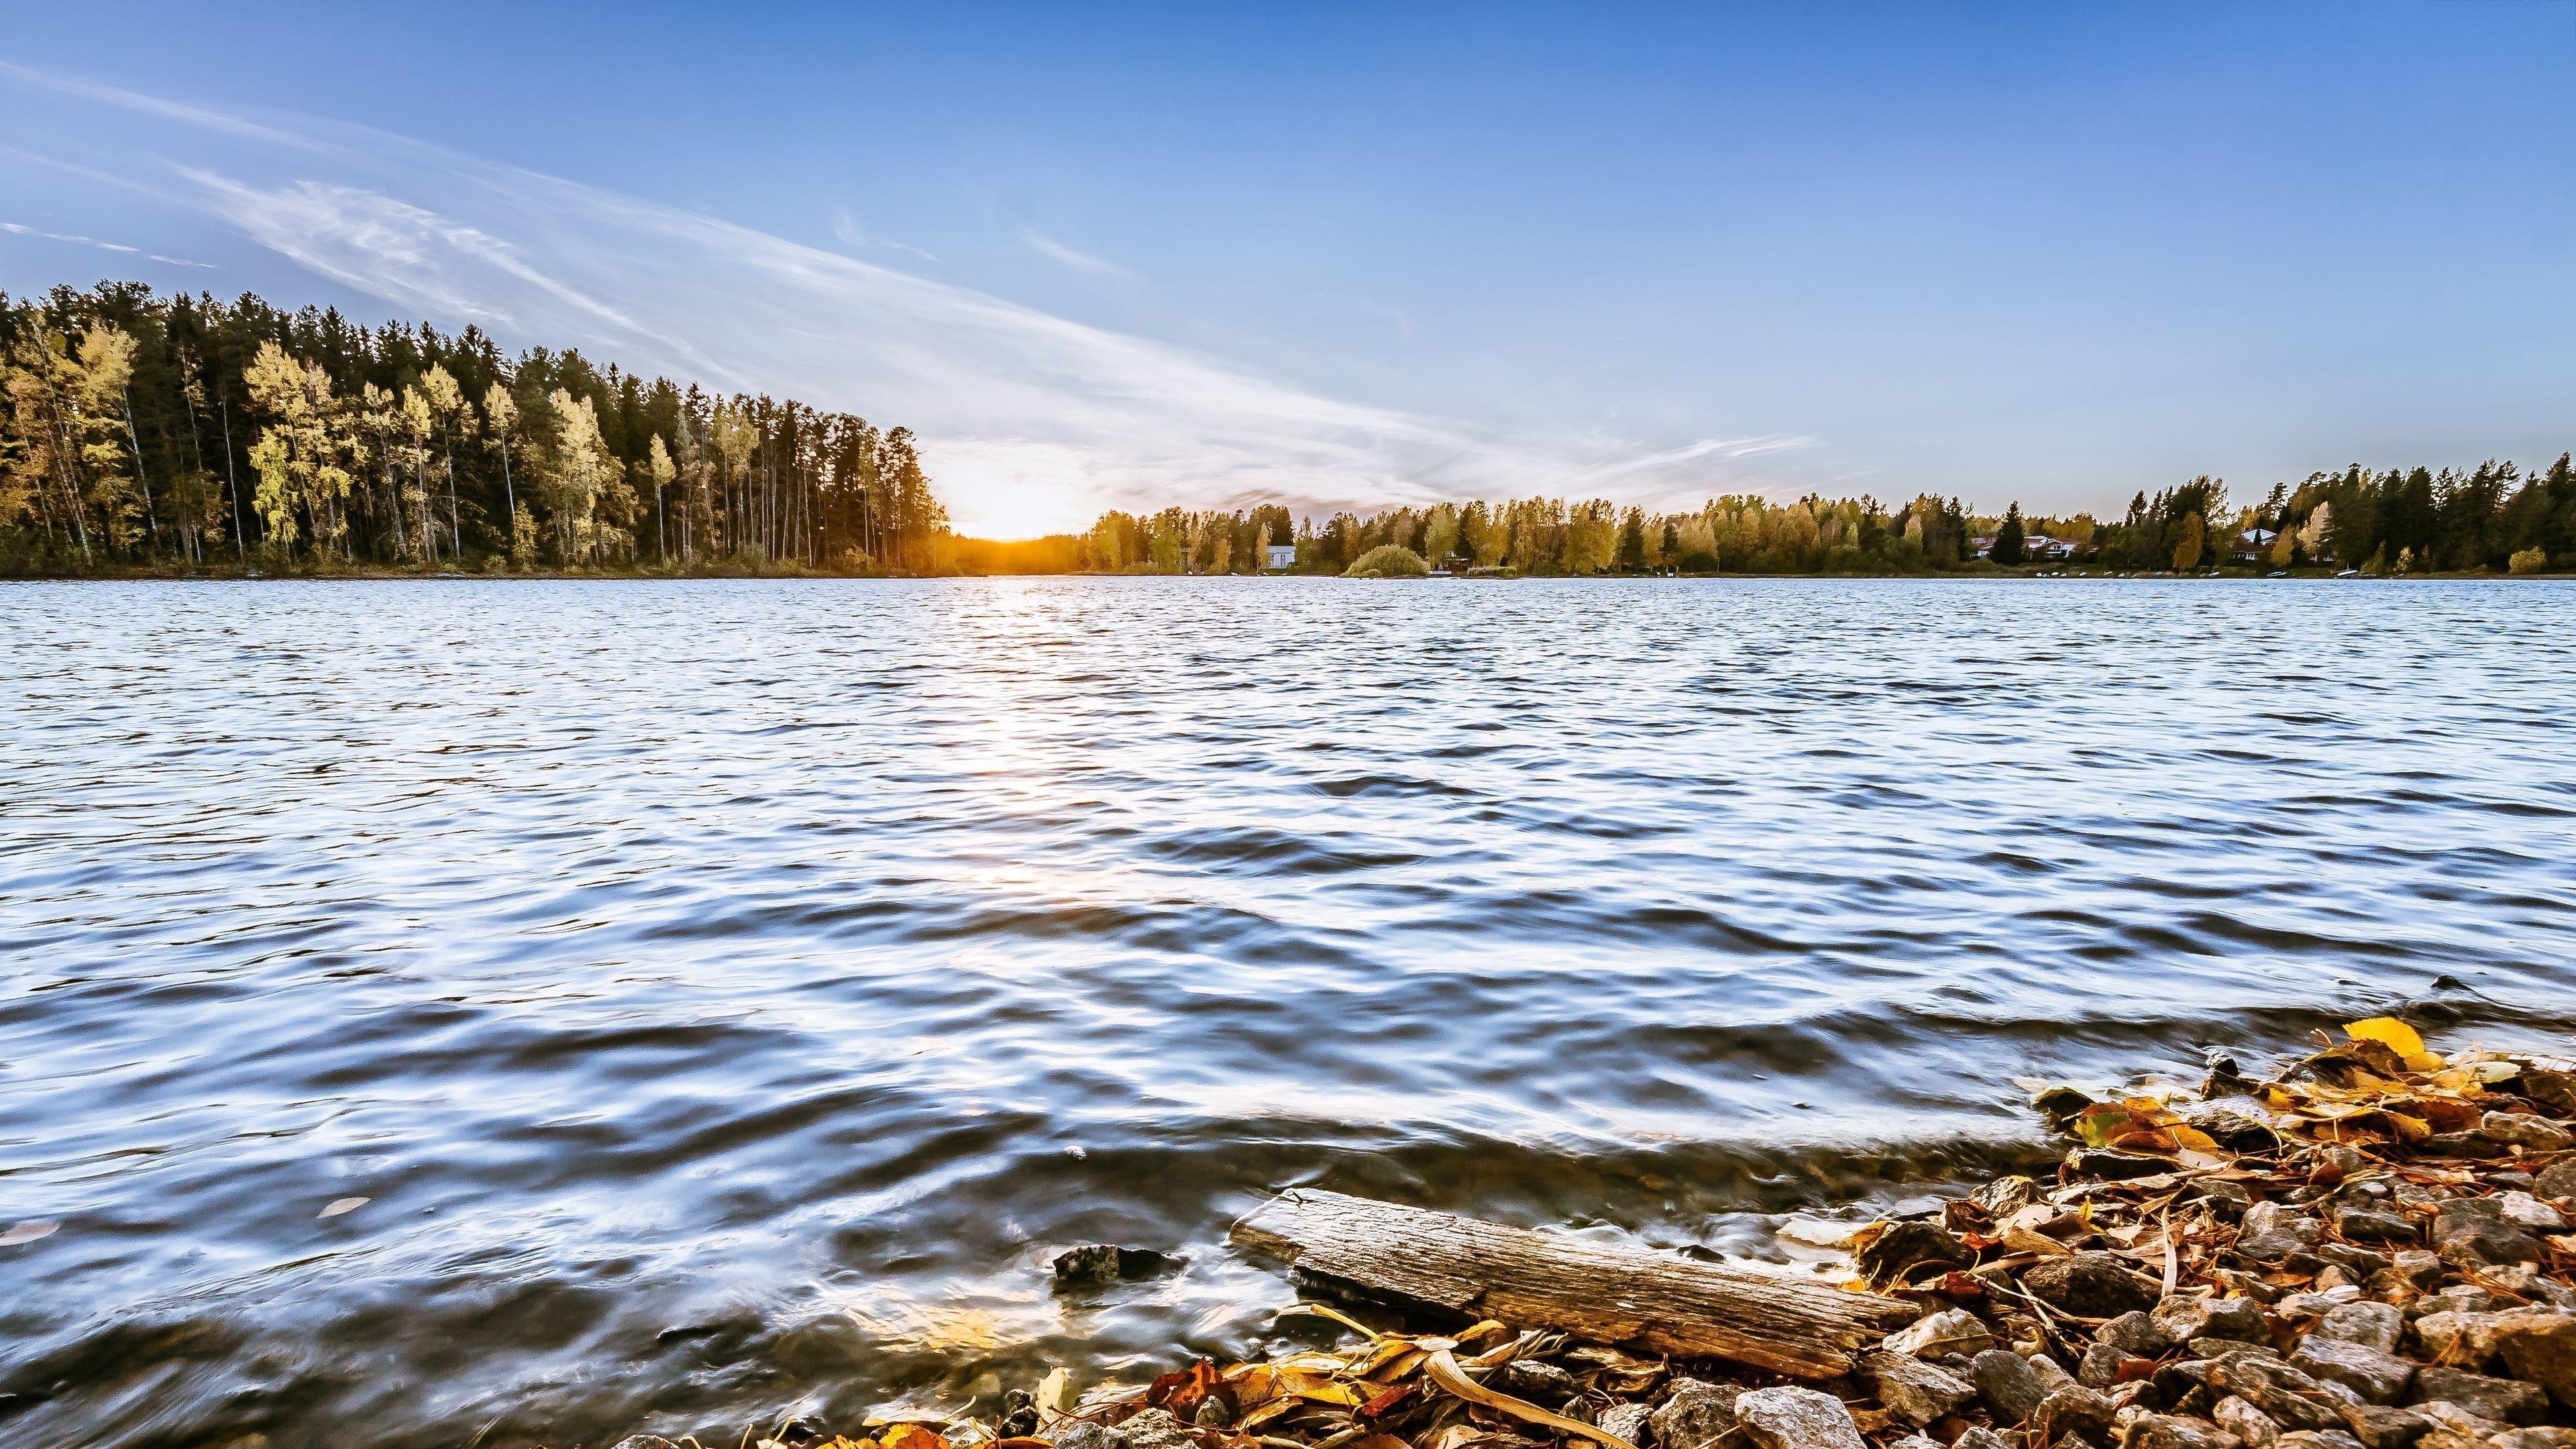 Озеро камни деревья солнце горизонт обои скачать